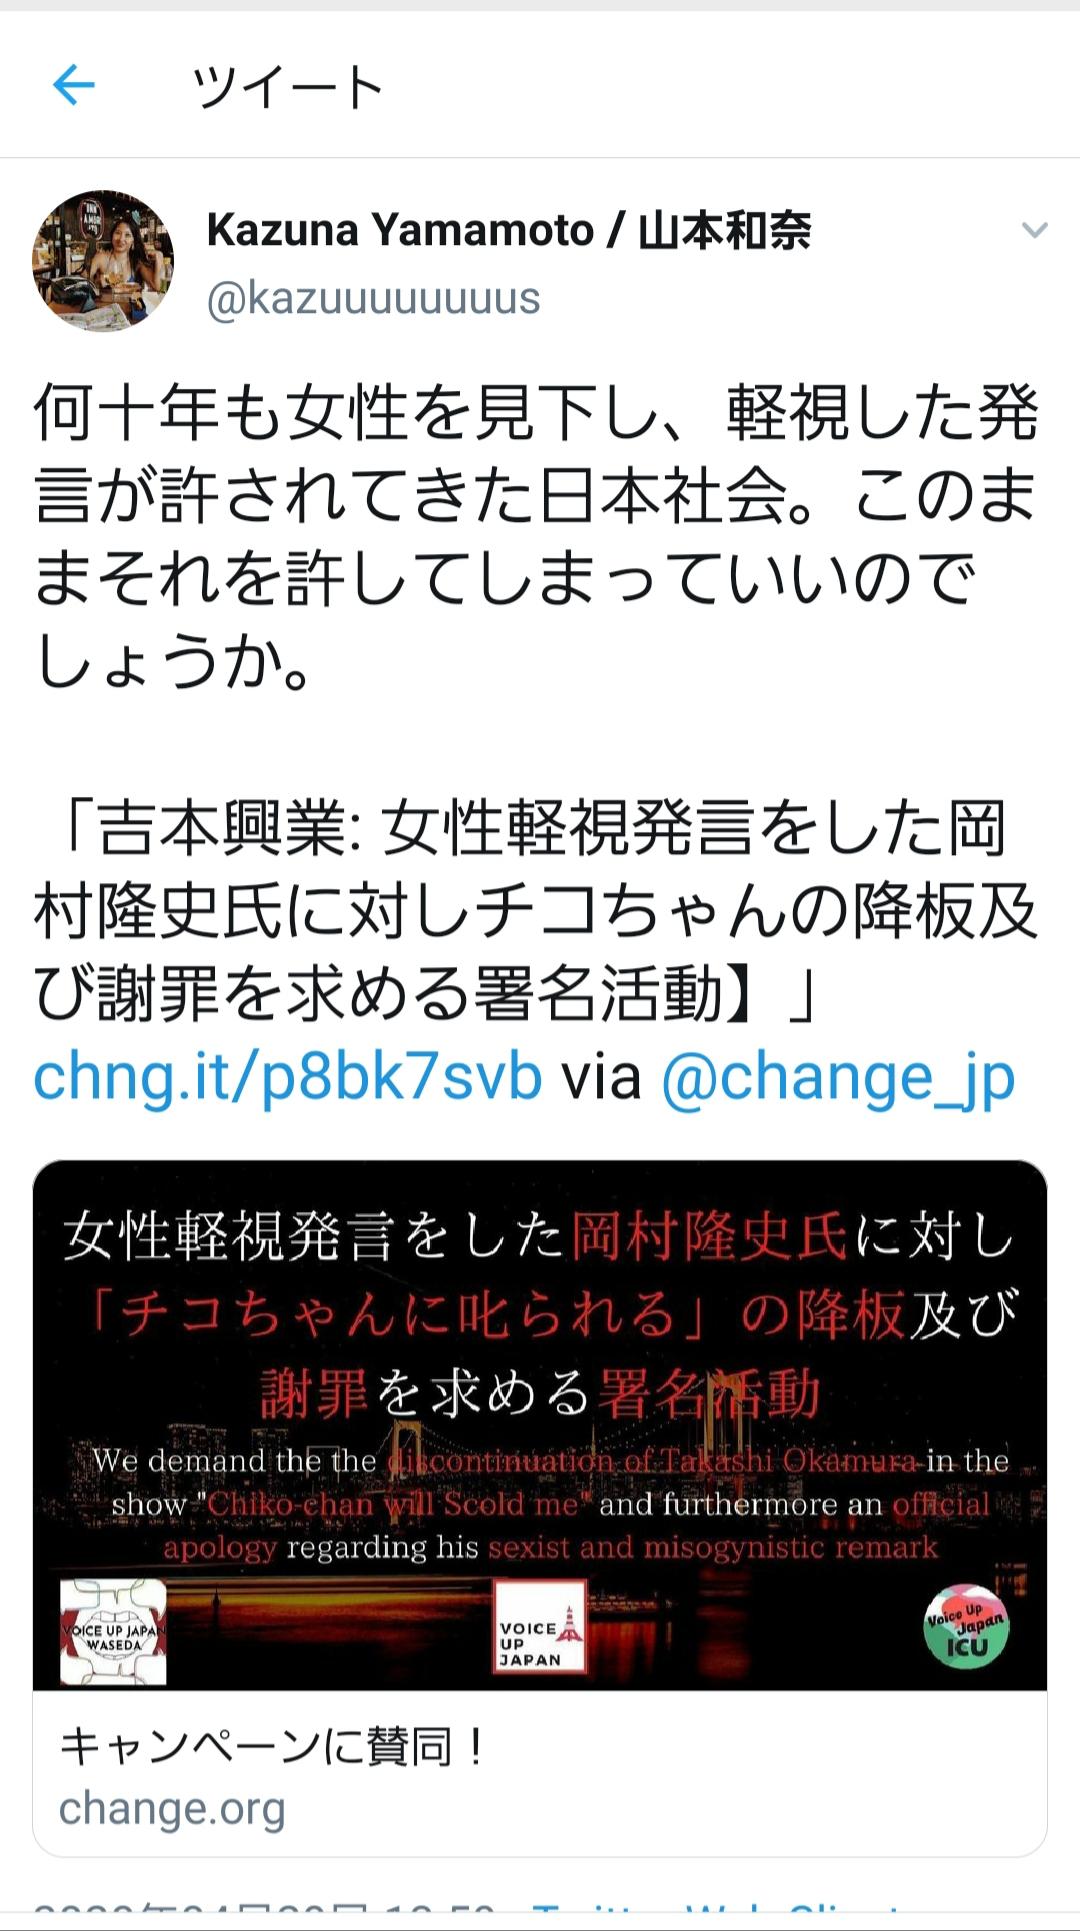 NHKの「チコちゃんに叱られる!」が今日やってないんだけどなんかあったの?